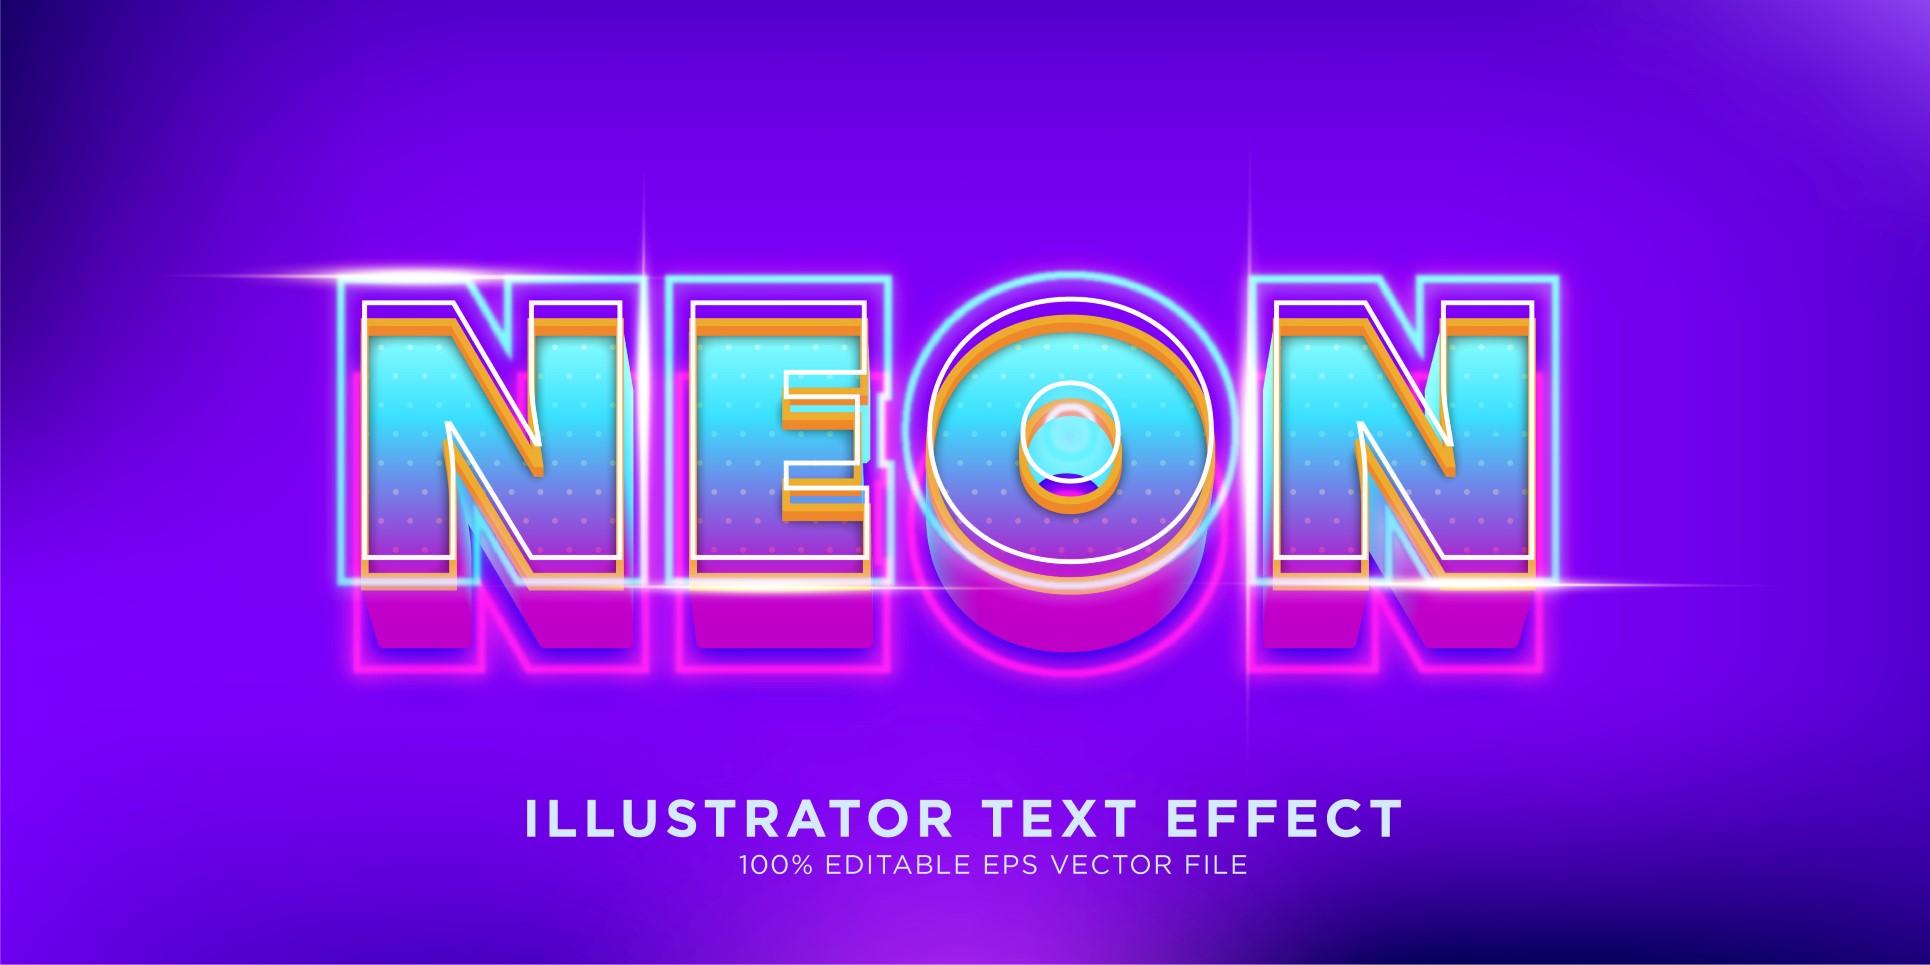 Neon Illustrator Text Effect Illustration